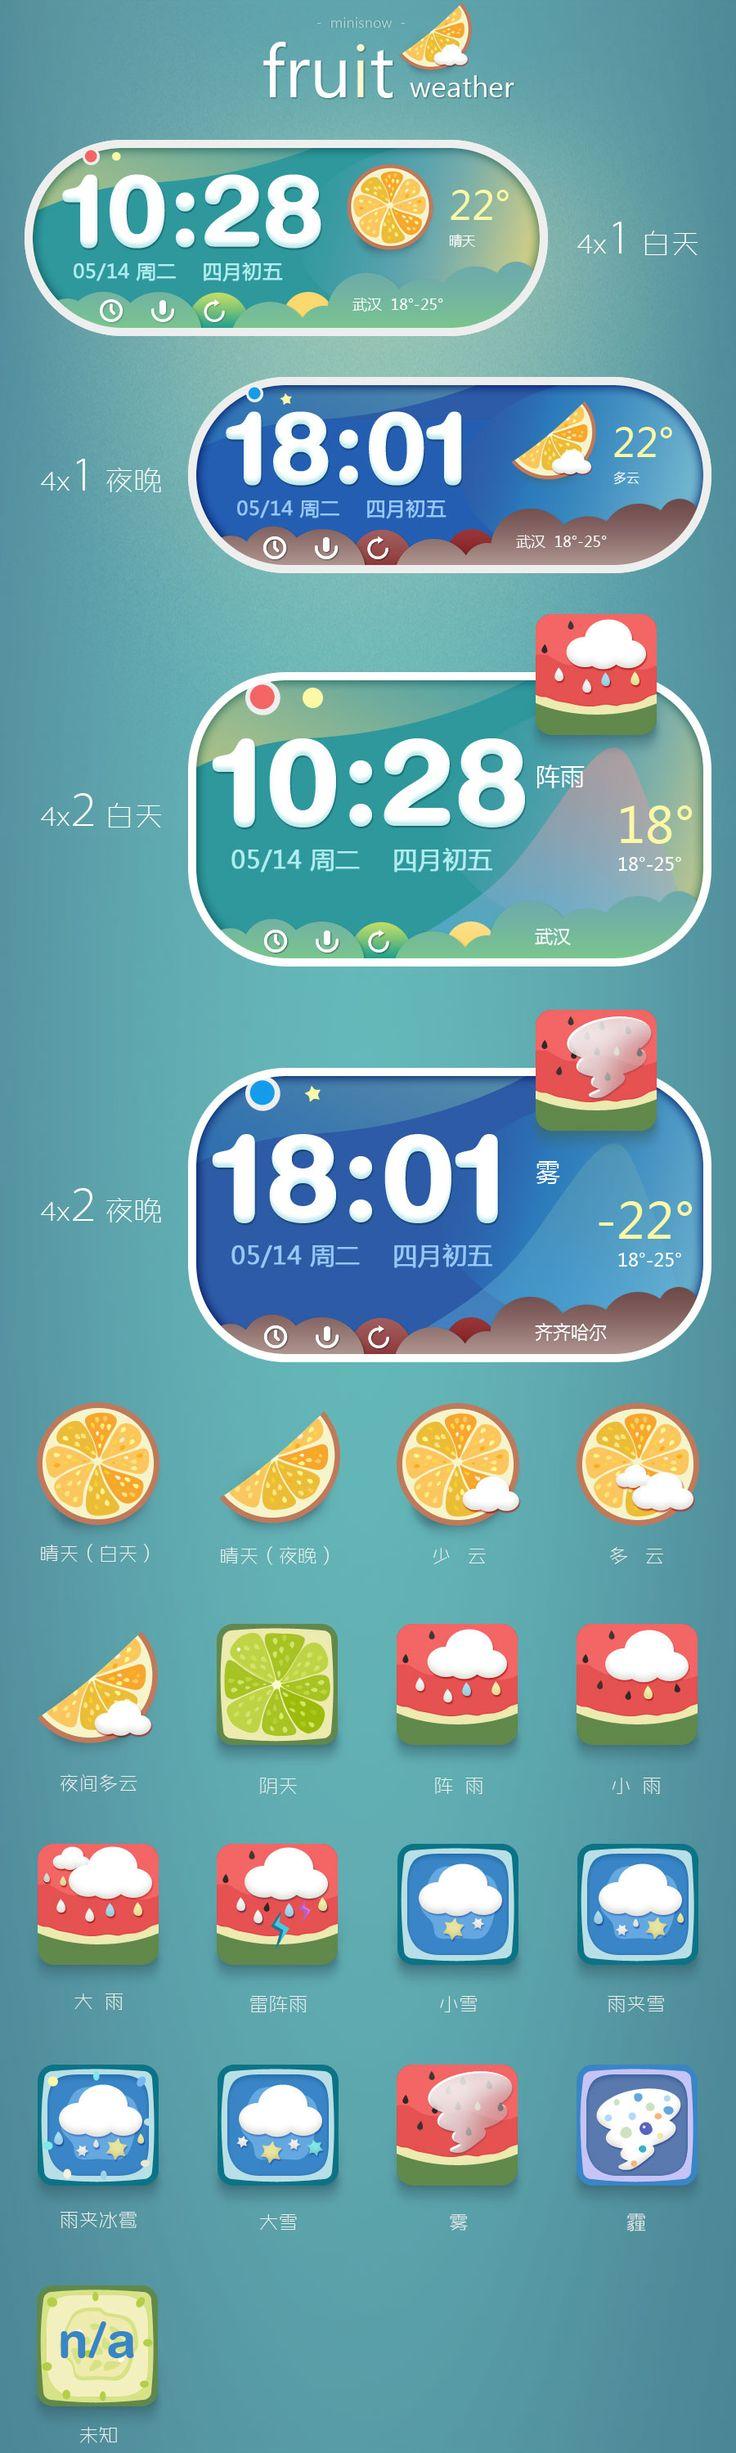 查看《Fruit weather 水果梦》原图,原图尺寸:900x3000